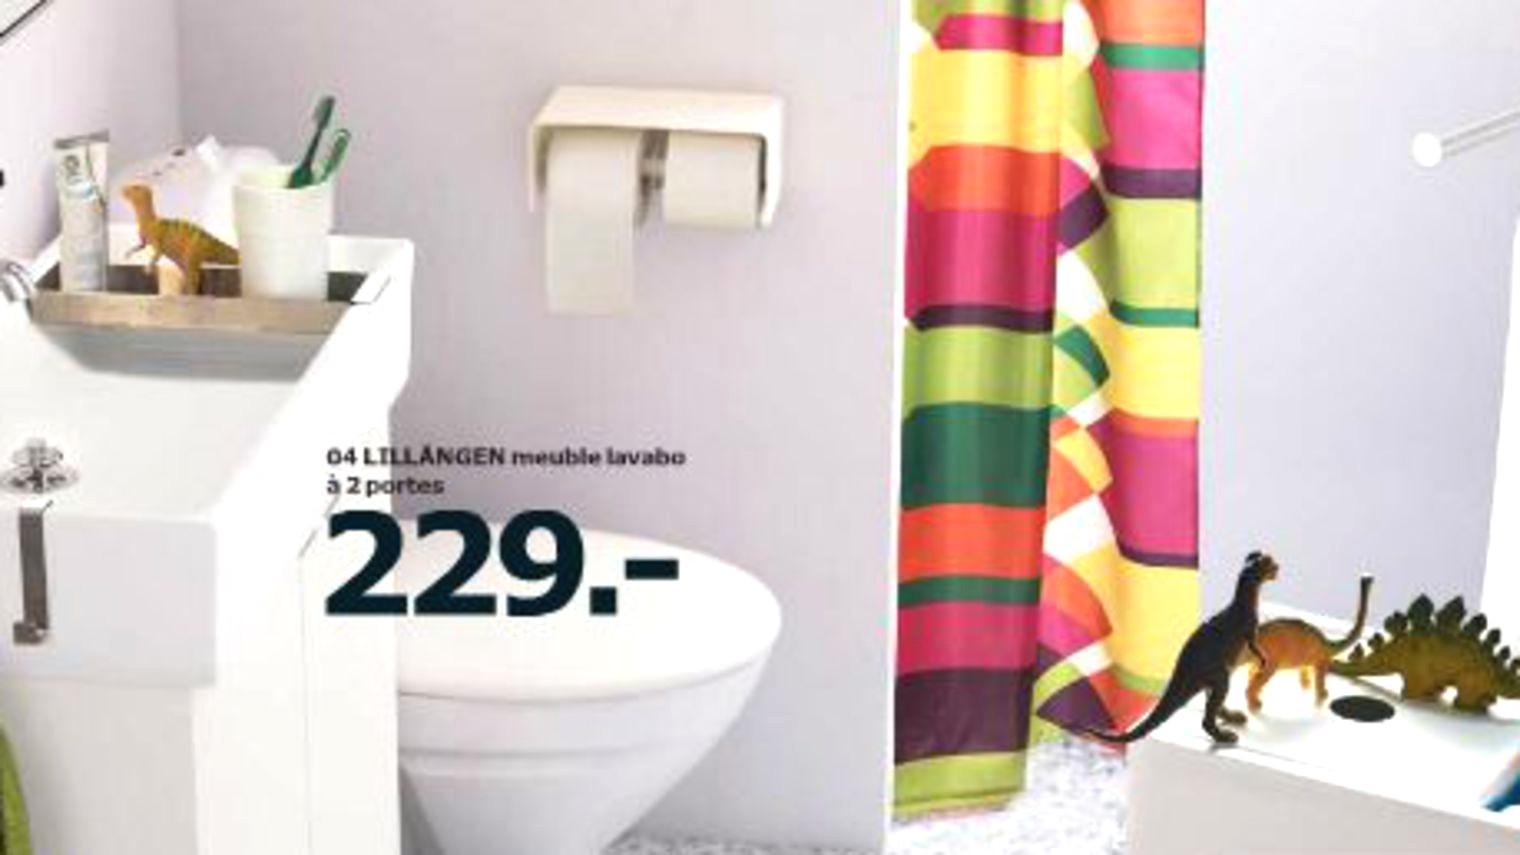 Miroir De Salle De Bain Ikea Impressionnant Images Frais Ikea Meuble toilette Meuble Avec Ikea Meuble toilette Elegant